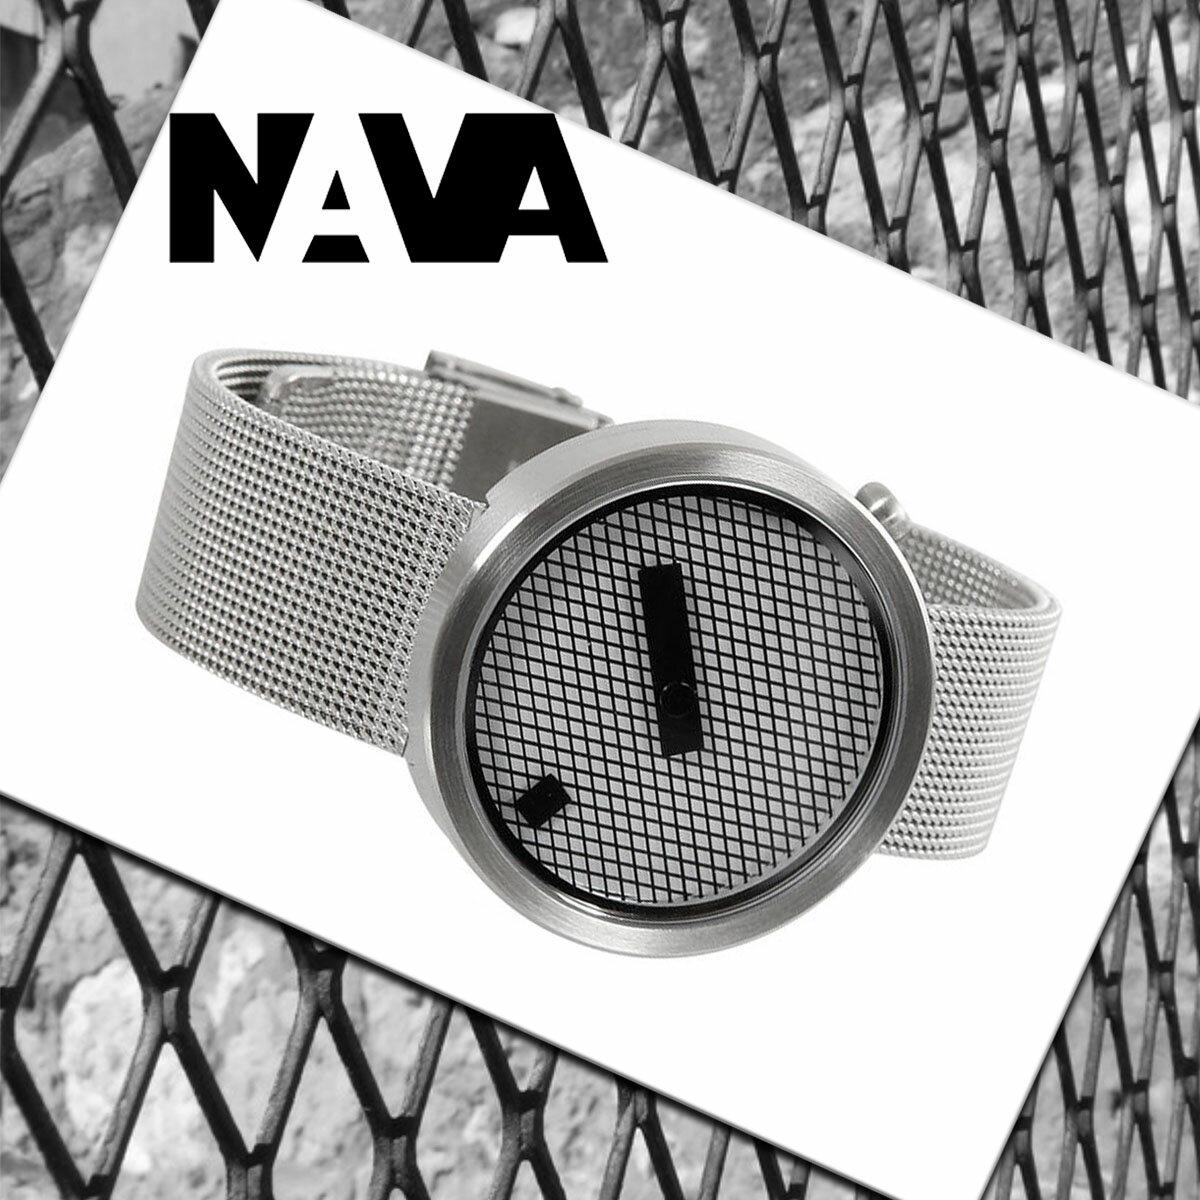 【電池交換無料チケット配布中!!サイズ調整無料】個性を極めた腕時計!! NAVA DESIGN(ナバデザイン)JACQUARD(ジャカード)O605 マットシルバー steel スチール メンズ レディース ウォッチ 男性用 女性用 腕時計 ナヴァデザイン NVA020042【即納】【あす楽】